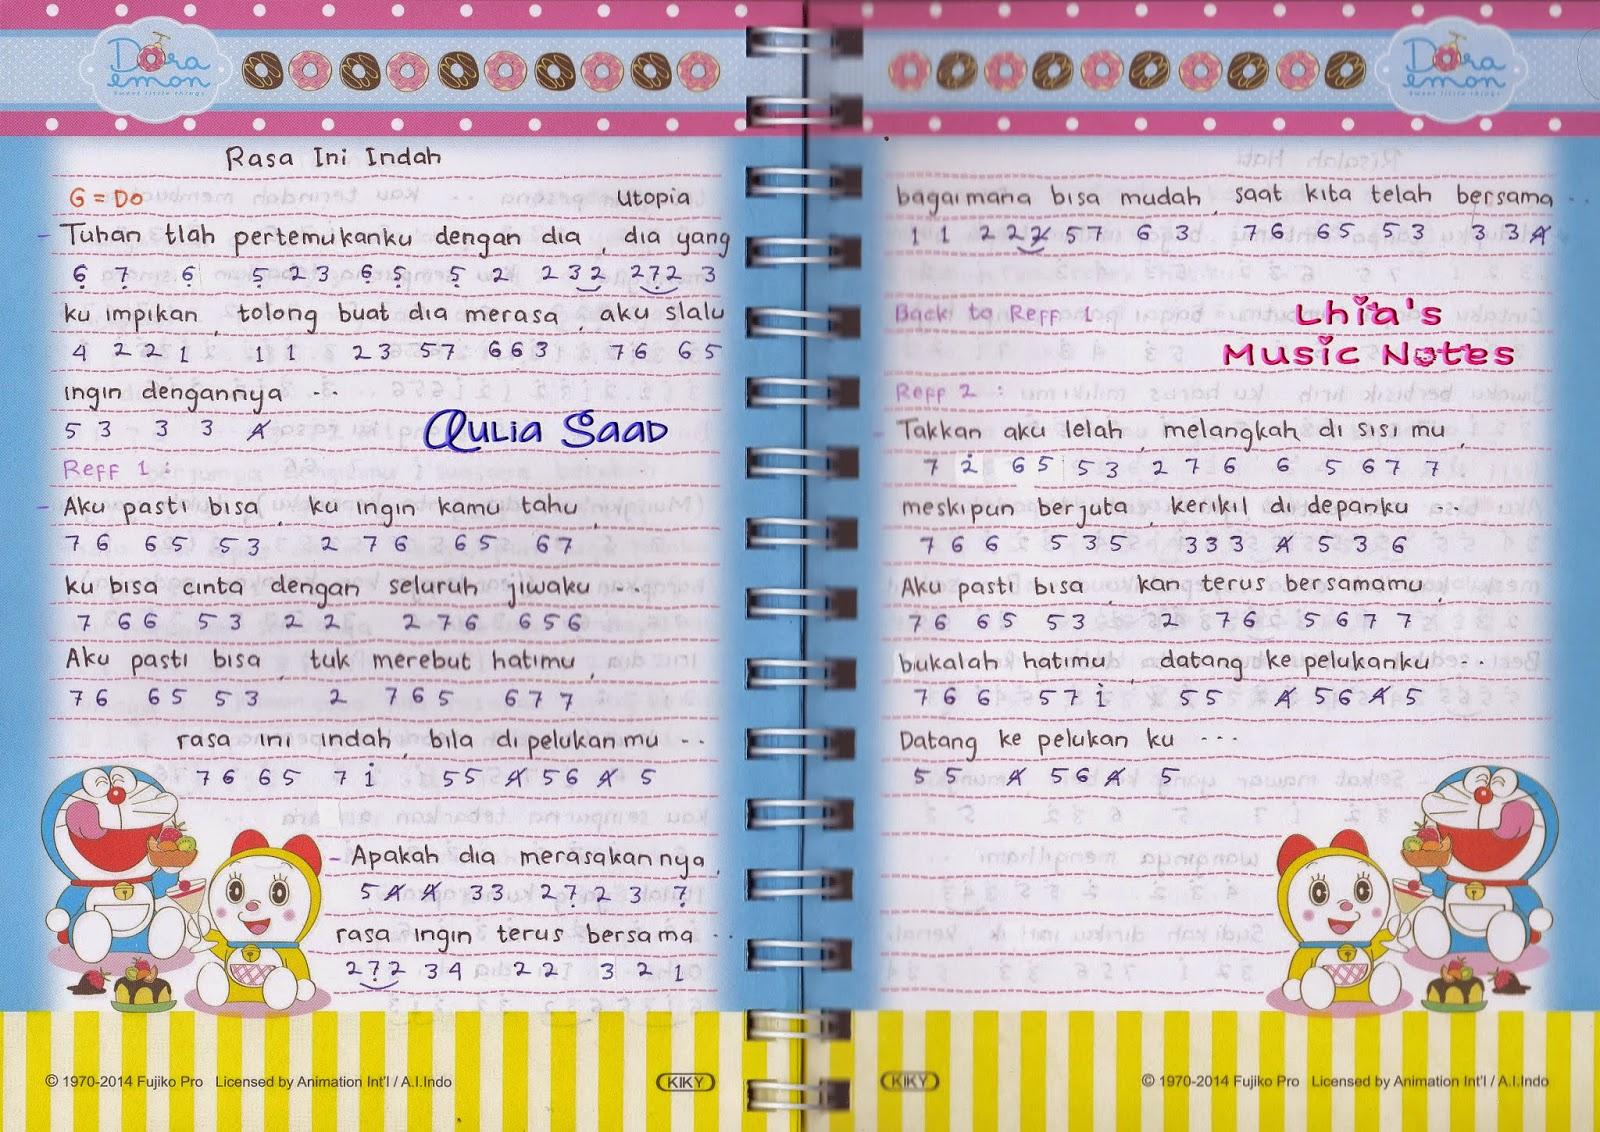 lirik lagu indonesia lirik lagu terbaru lirik lagu barat chord rasa ini apexwallpapers com